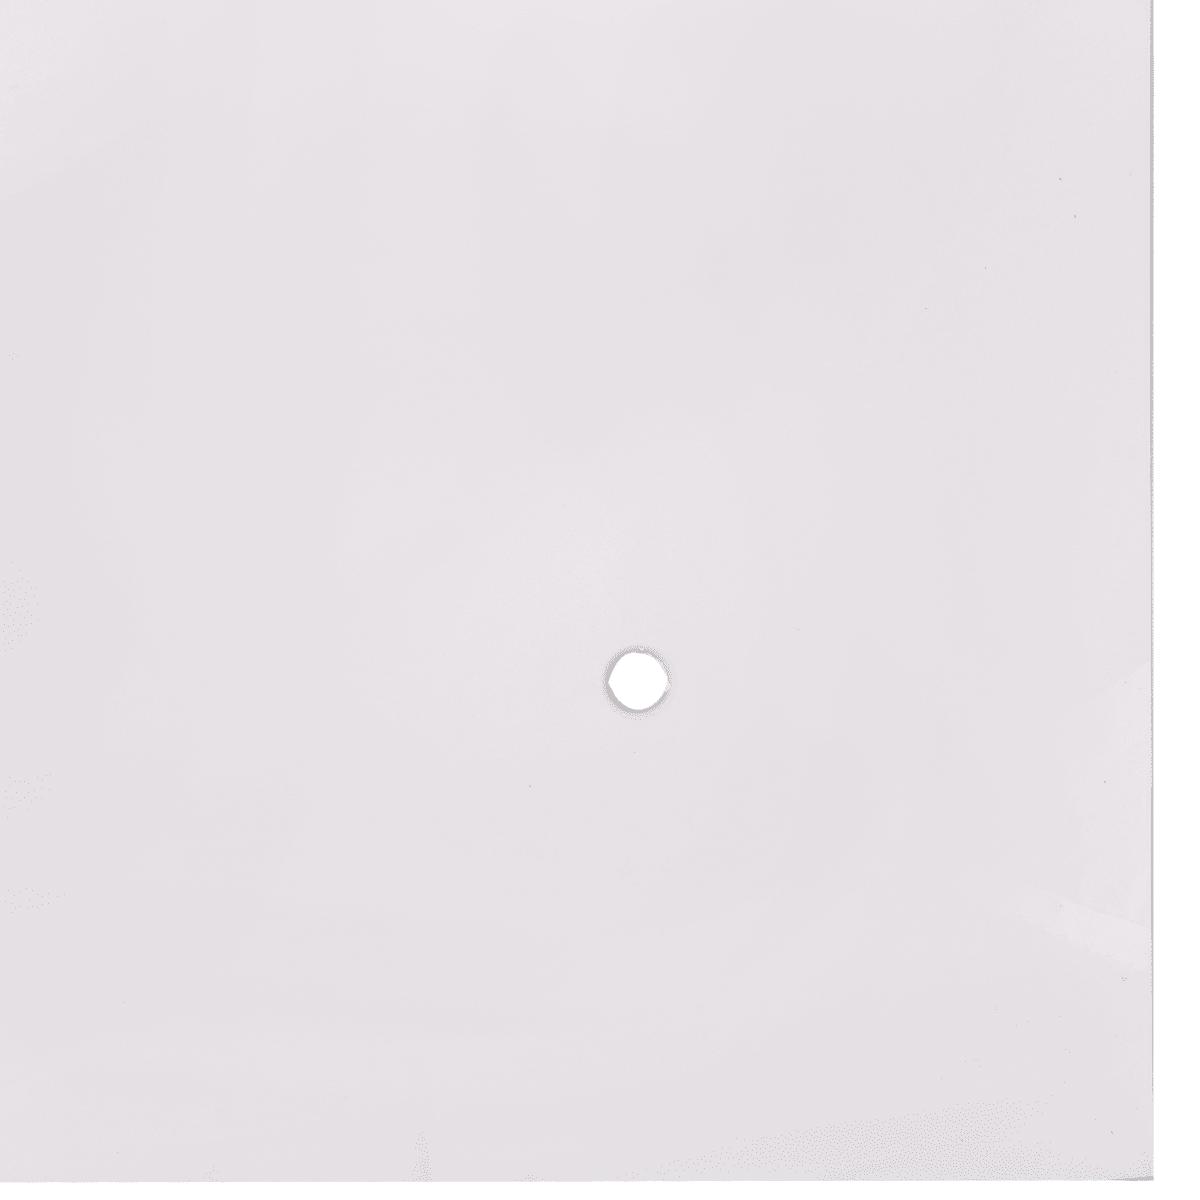 Стеновая панель, 90x60x0.6 см, стекло, цвет прозрачный